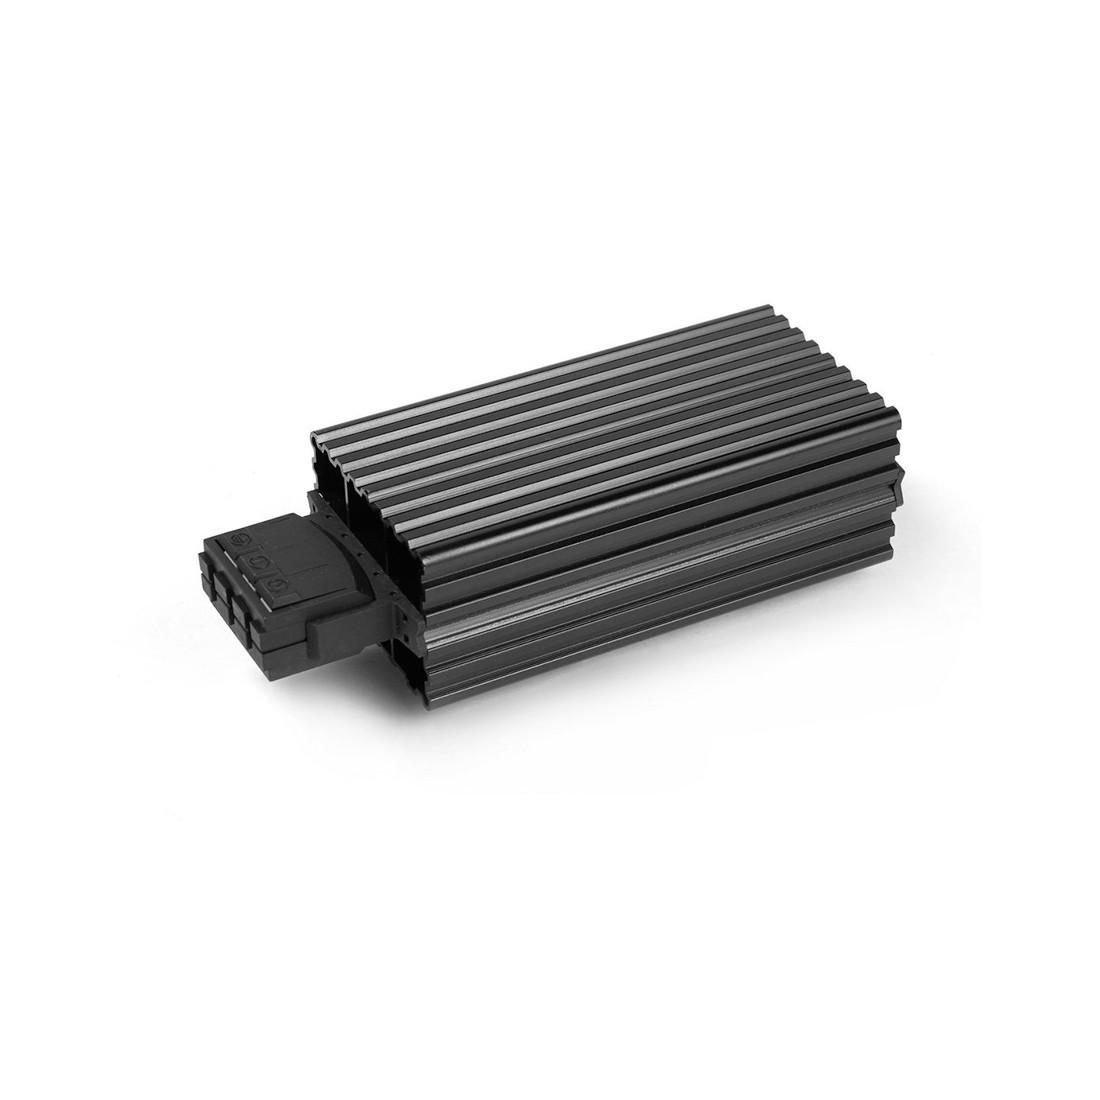 Обогреватель шкафной iPower  HG140 60W 110-250V AC/DC на дин-рейку